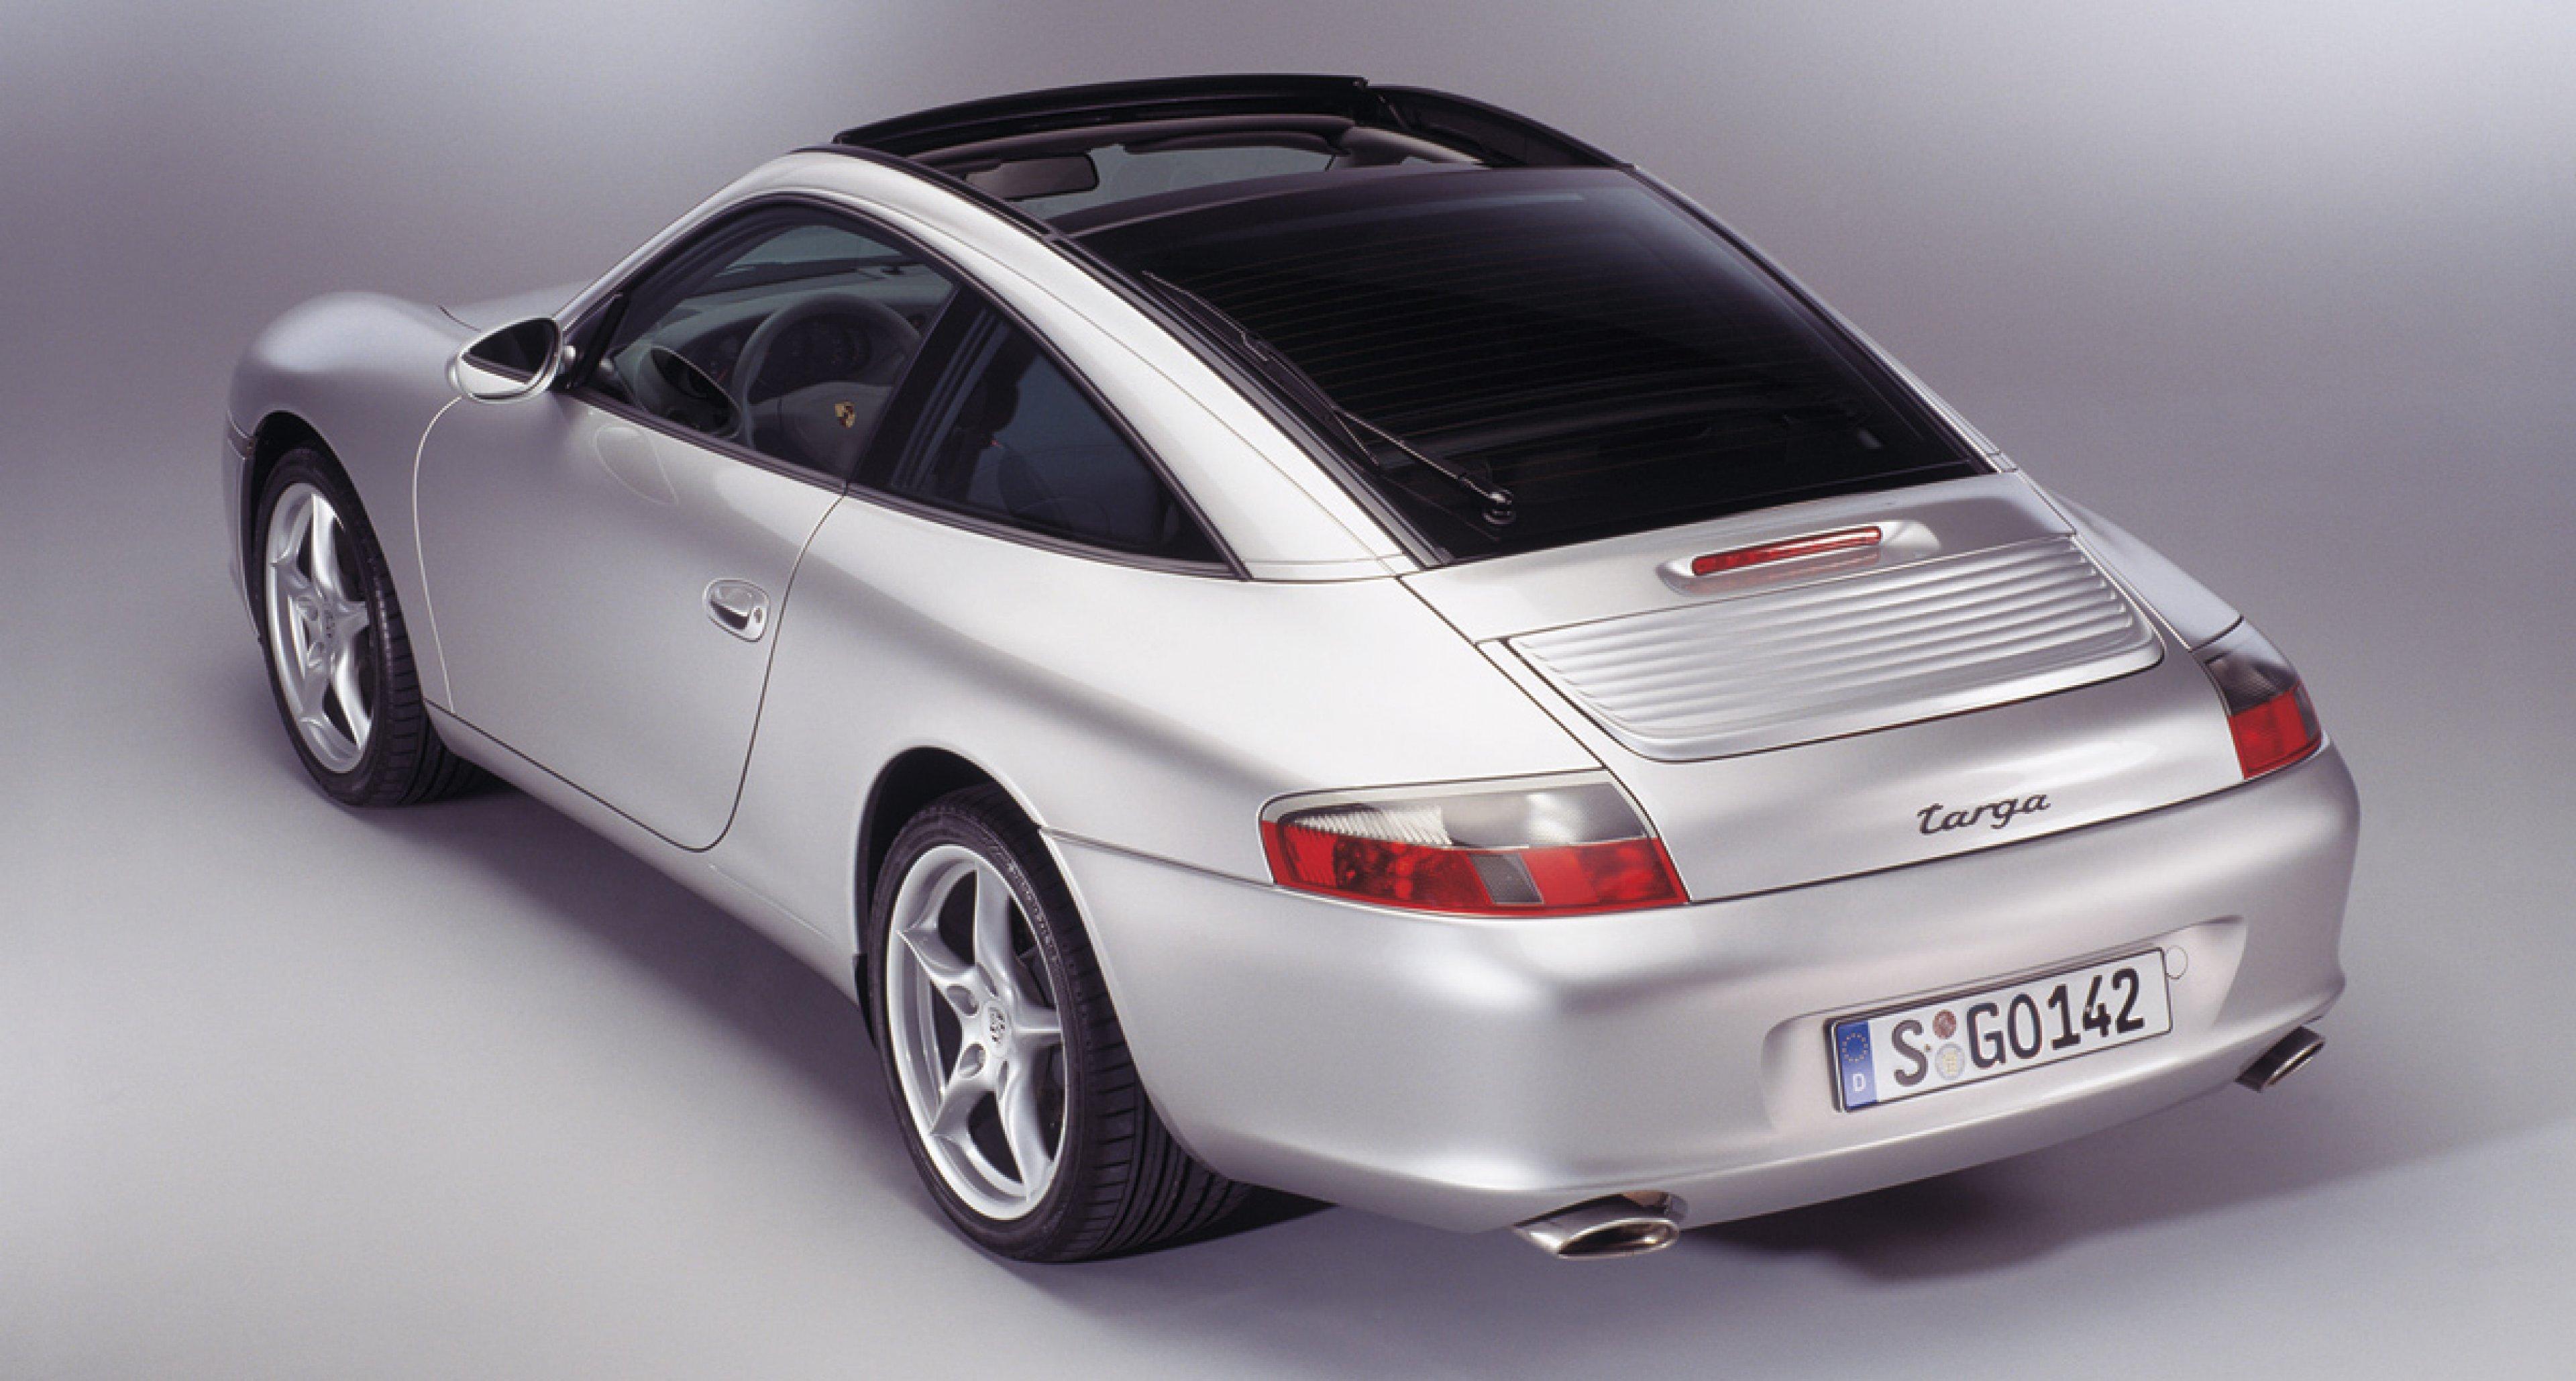 Porsche 911996: Über 175.000 Mal ungeliebt? | Classic